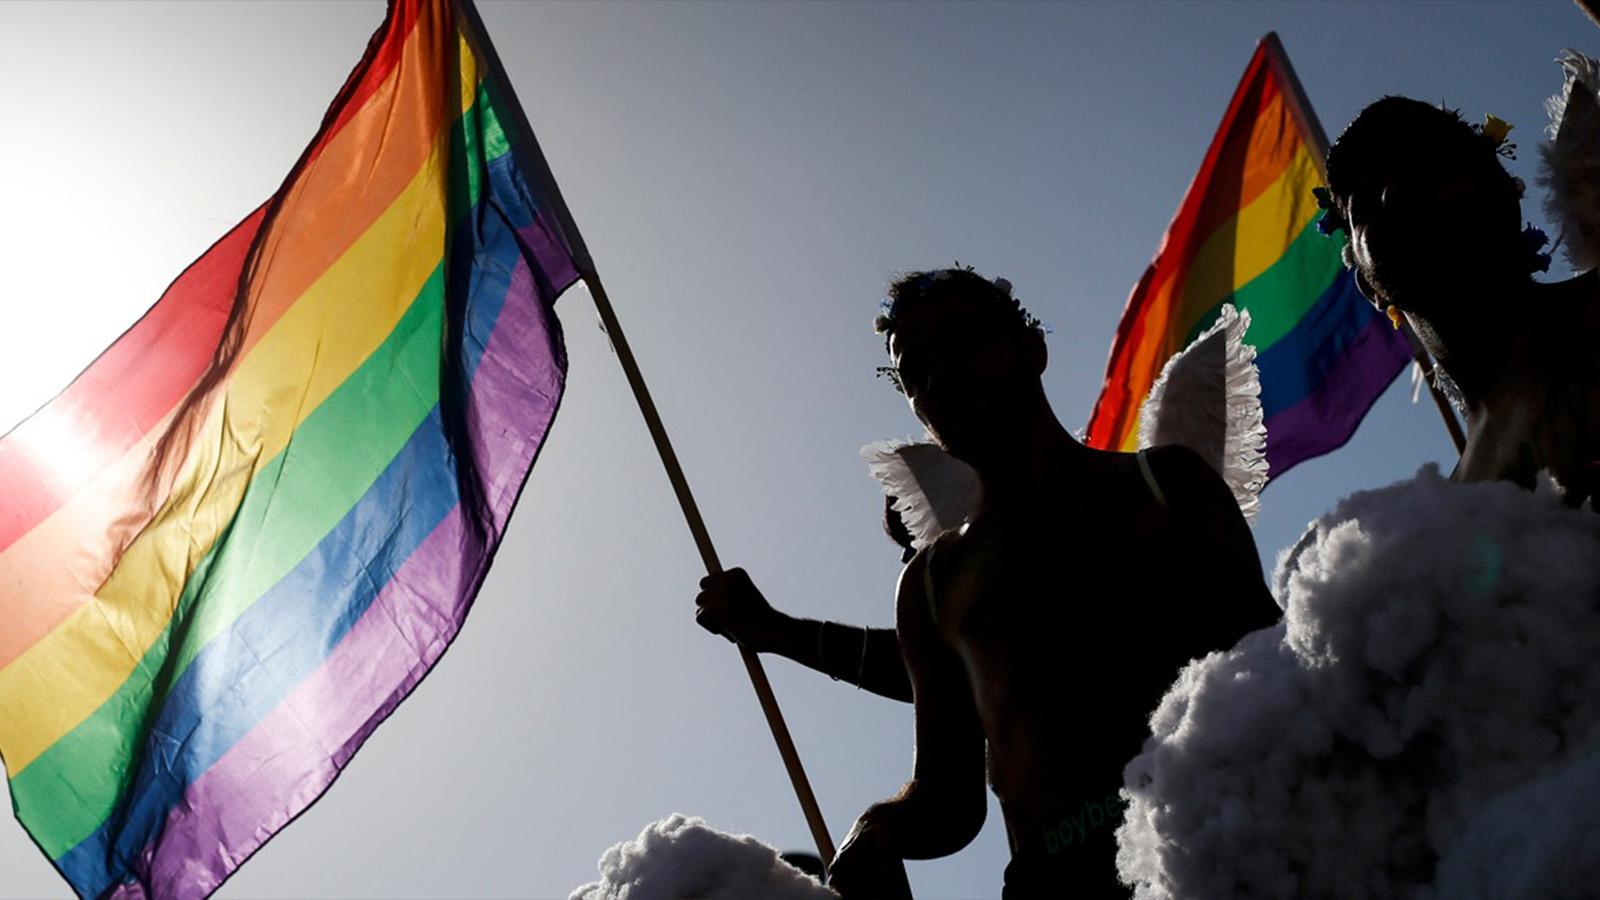 L'archipel des Bermudes relégalise le mariage pour les couples homosexuels